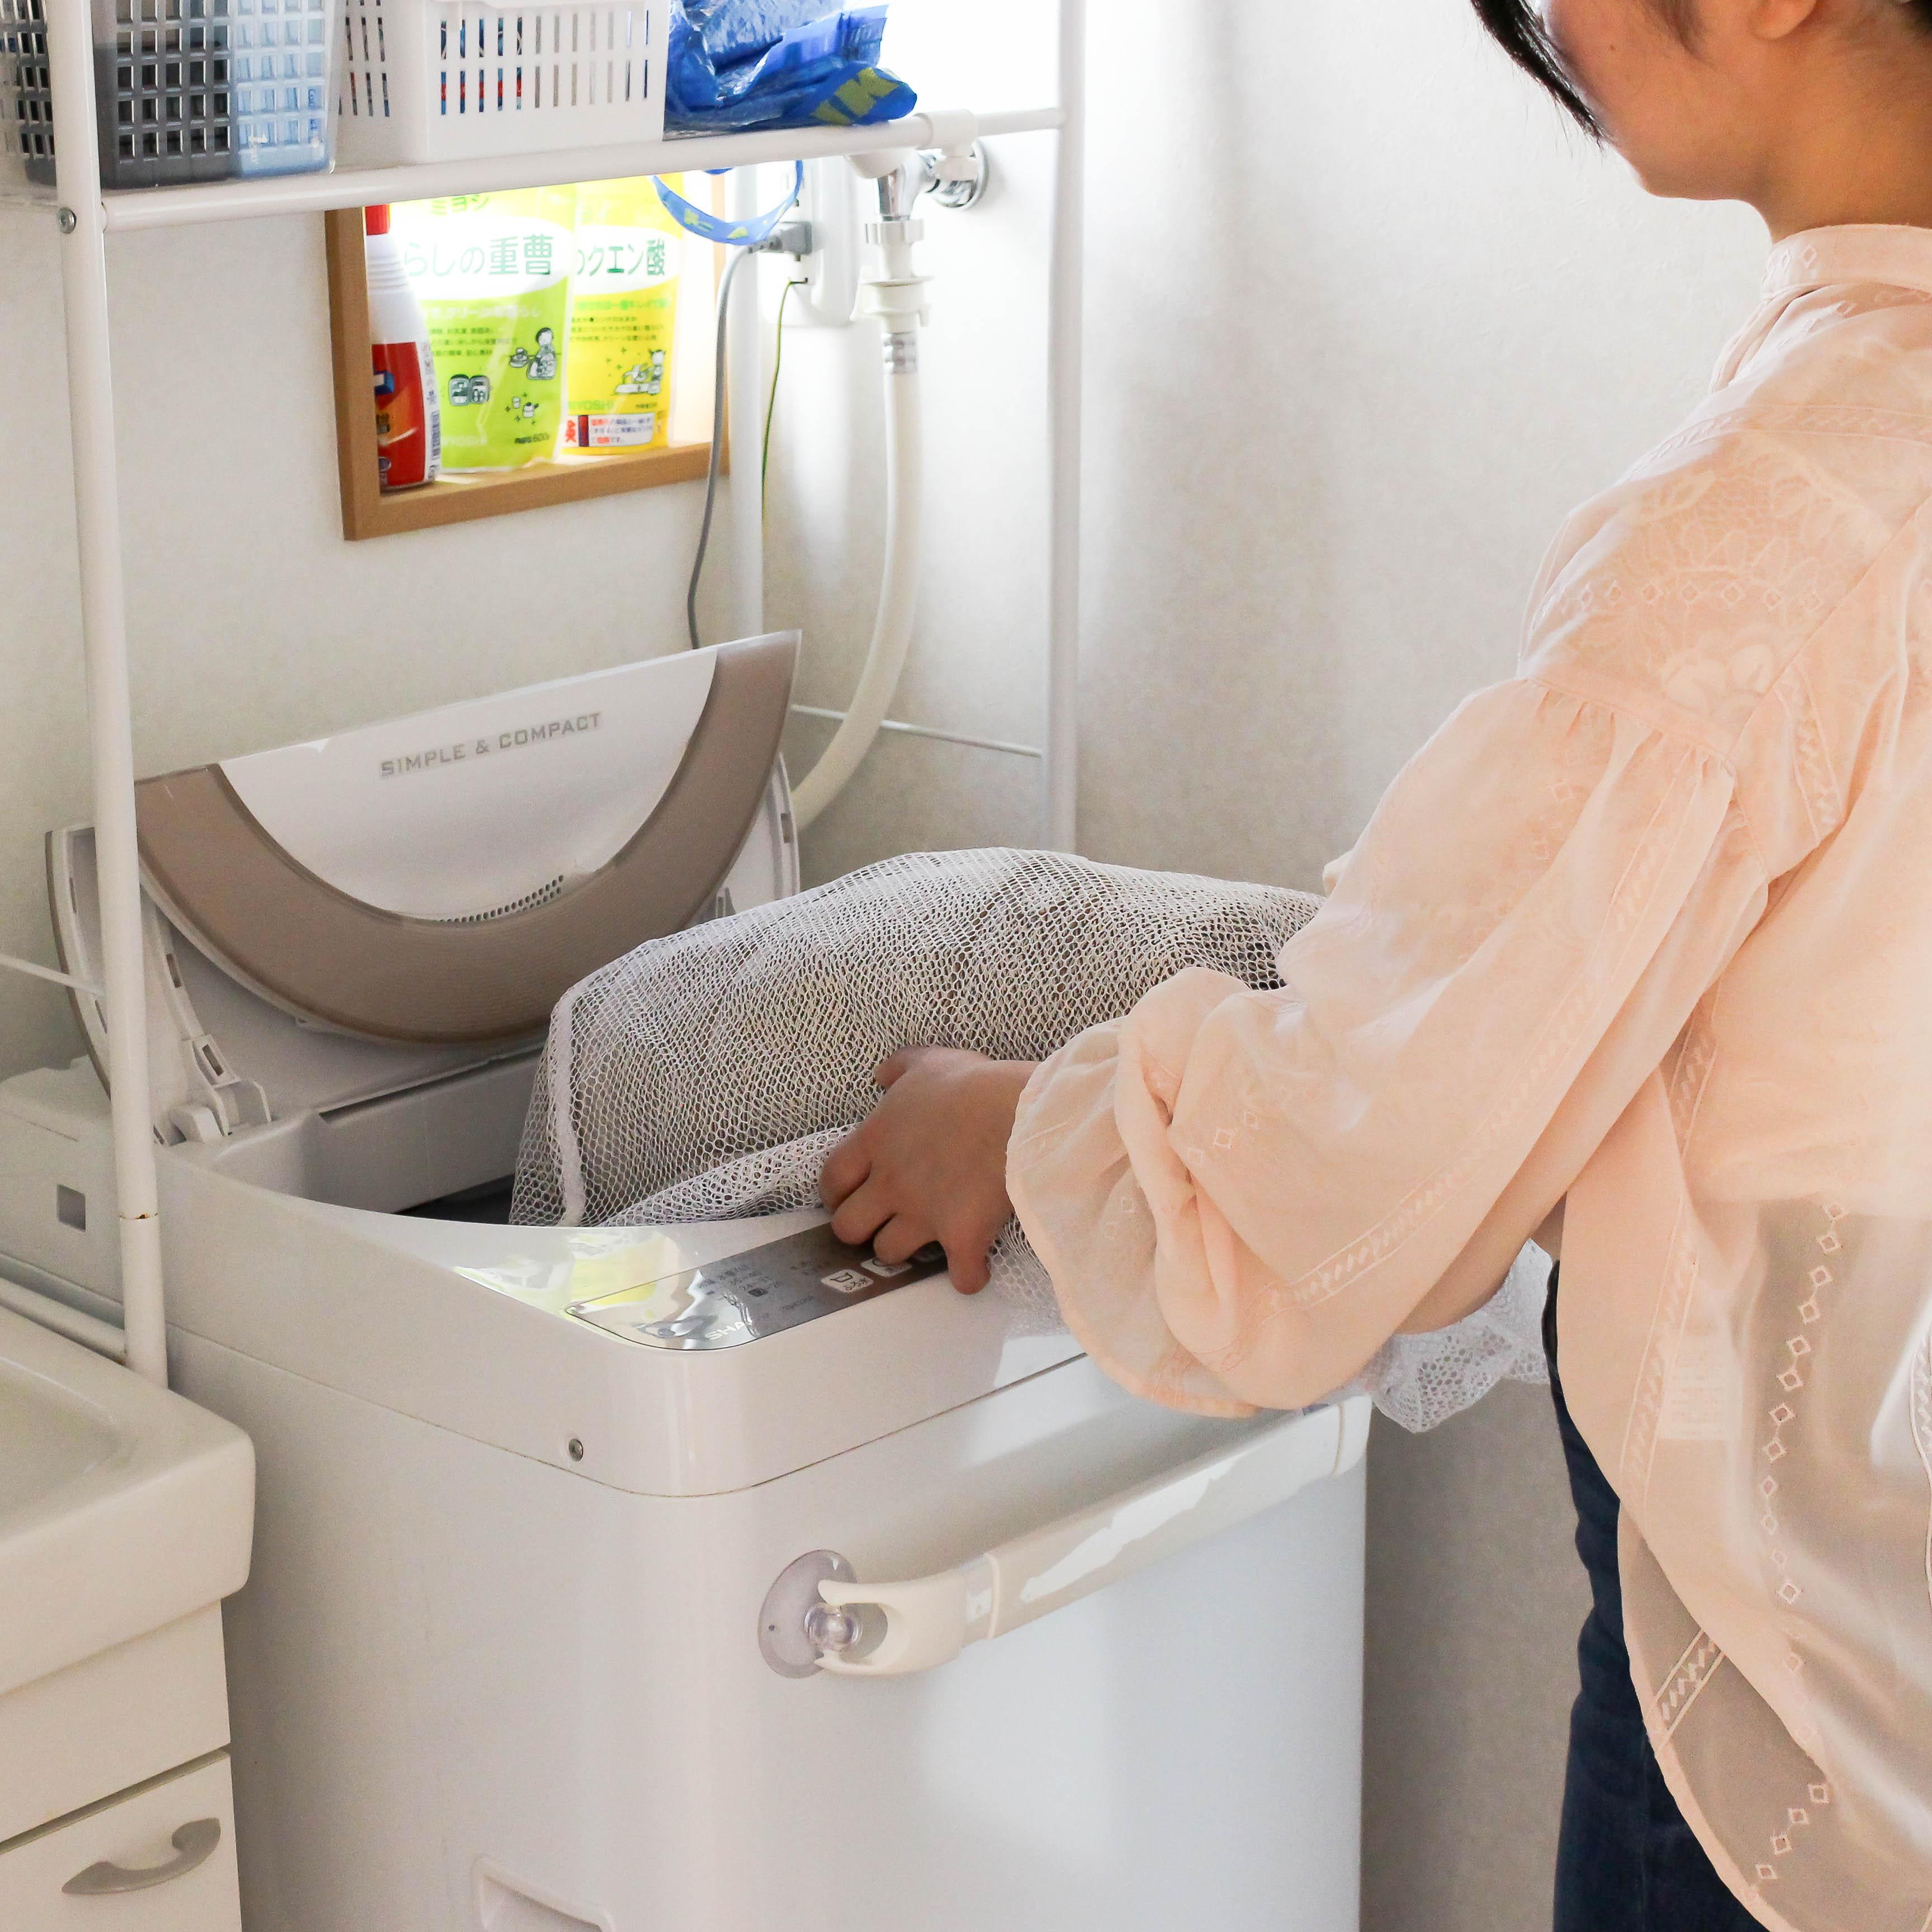 ハンモック洗濯